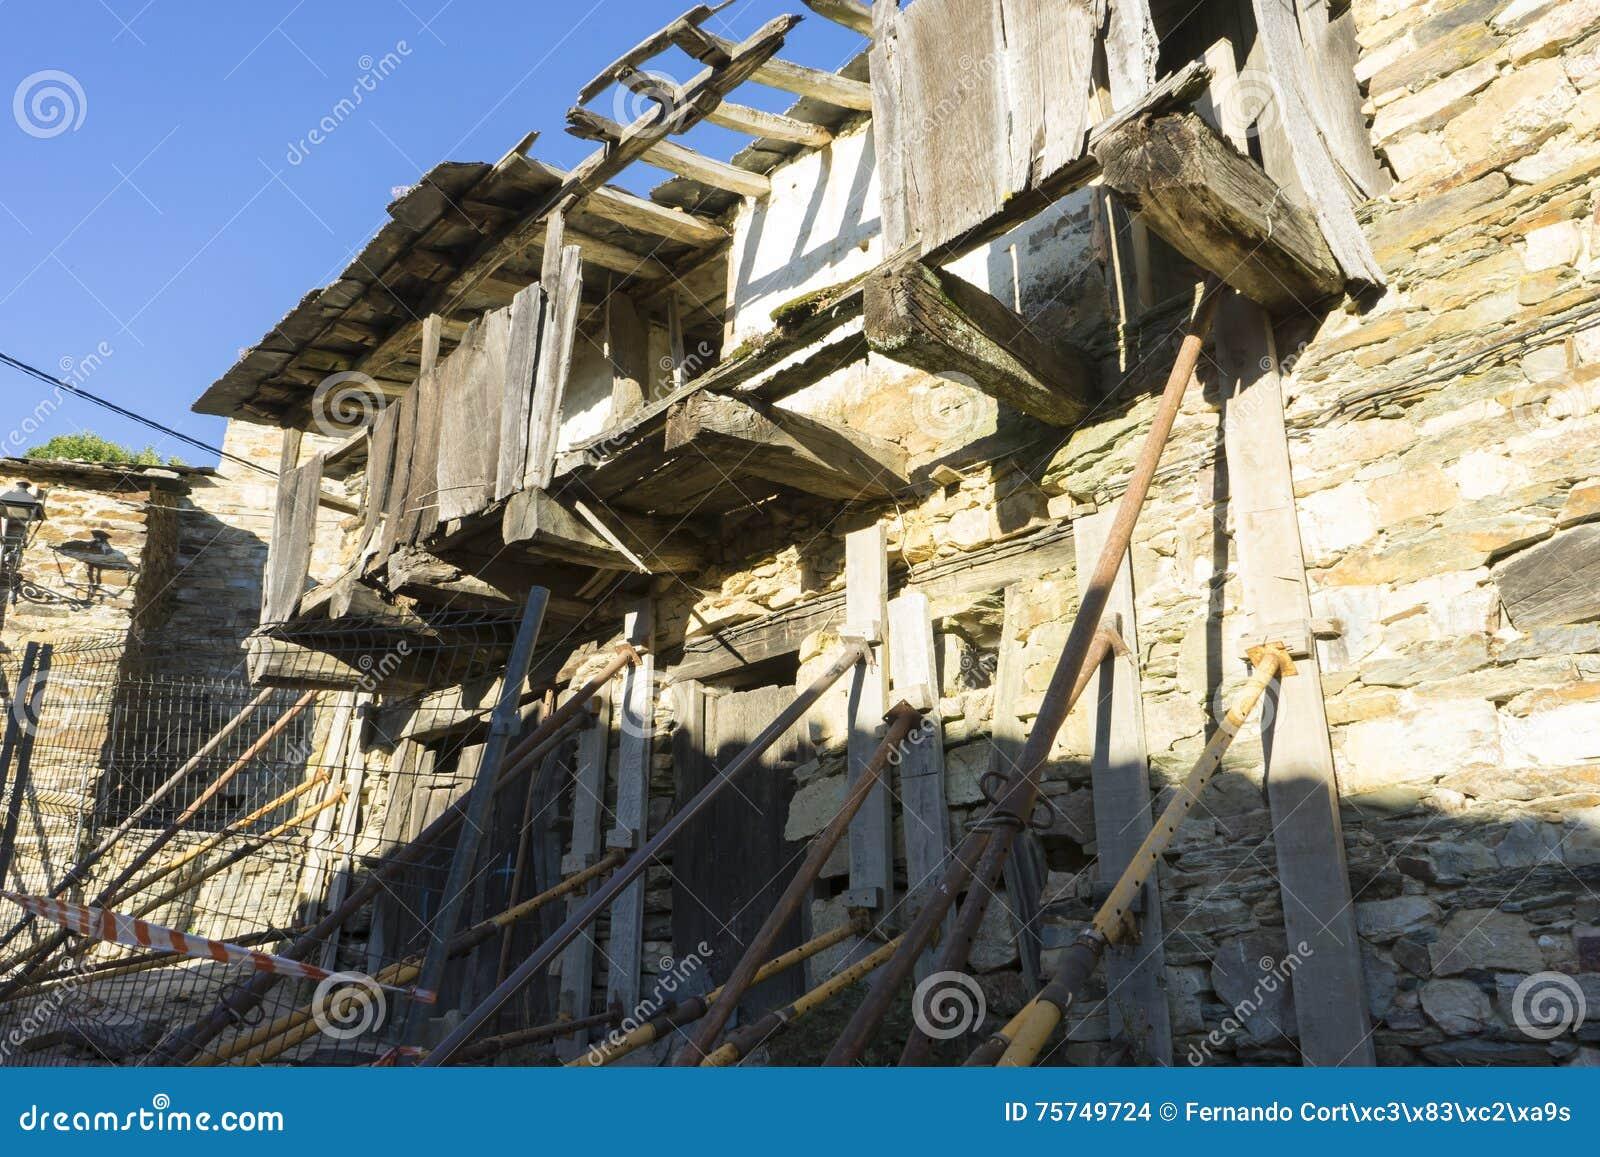 Case Di Pietra E Legno : Ripristino antico della casa legno e case della pietra nella